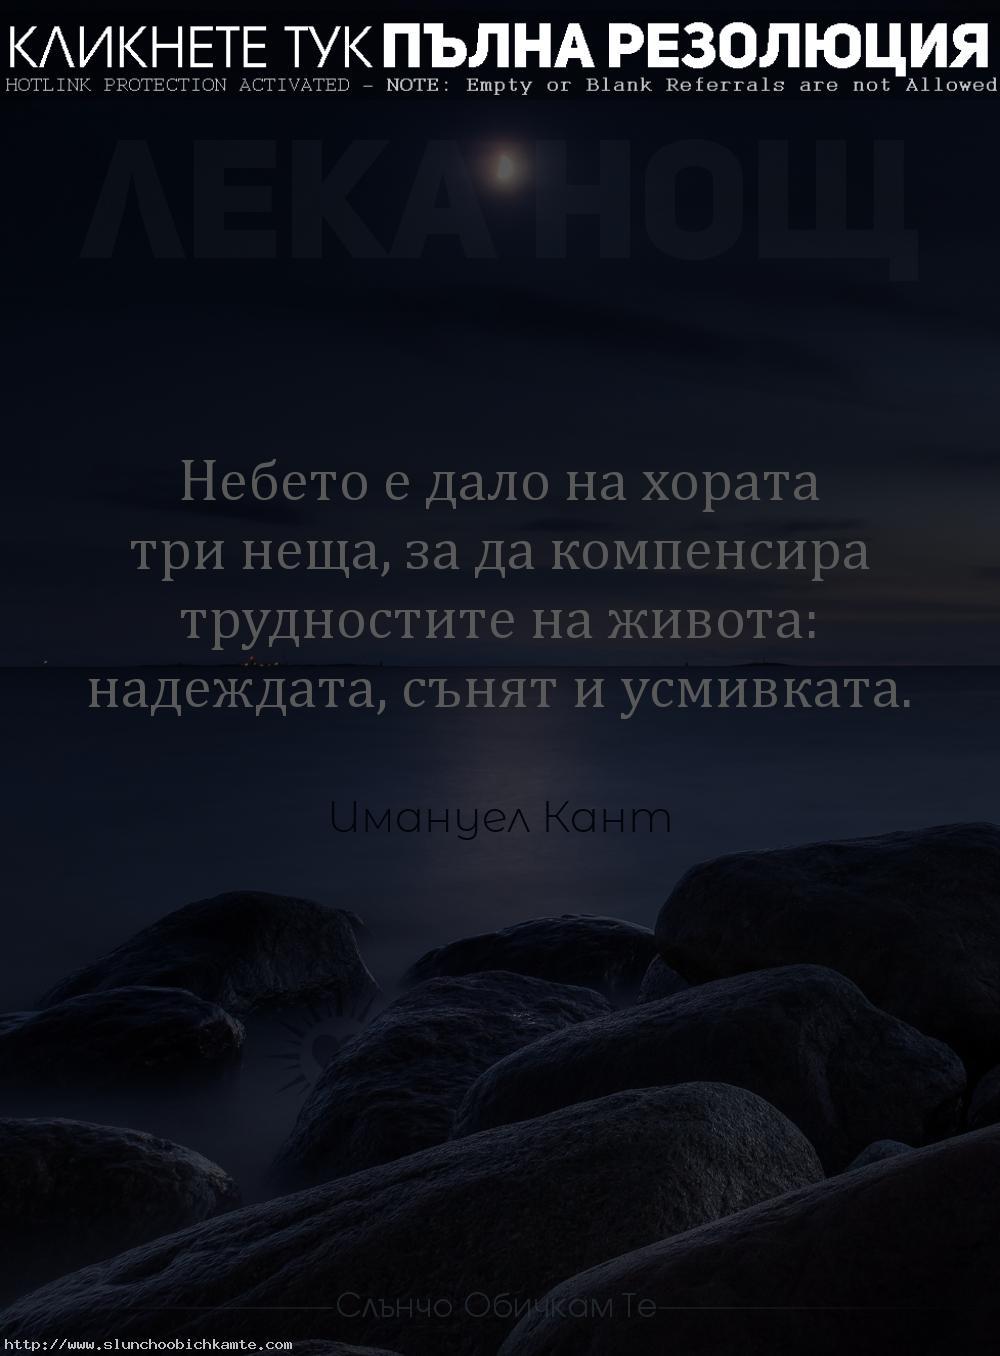 Лека нощ с цитат на Имануел Кант - Небето е дало на хората три неща, за да компенсира трудностите на живота. - Пожелания за лека нощ, картички за лека нощ, цитати за лека нощ